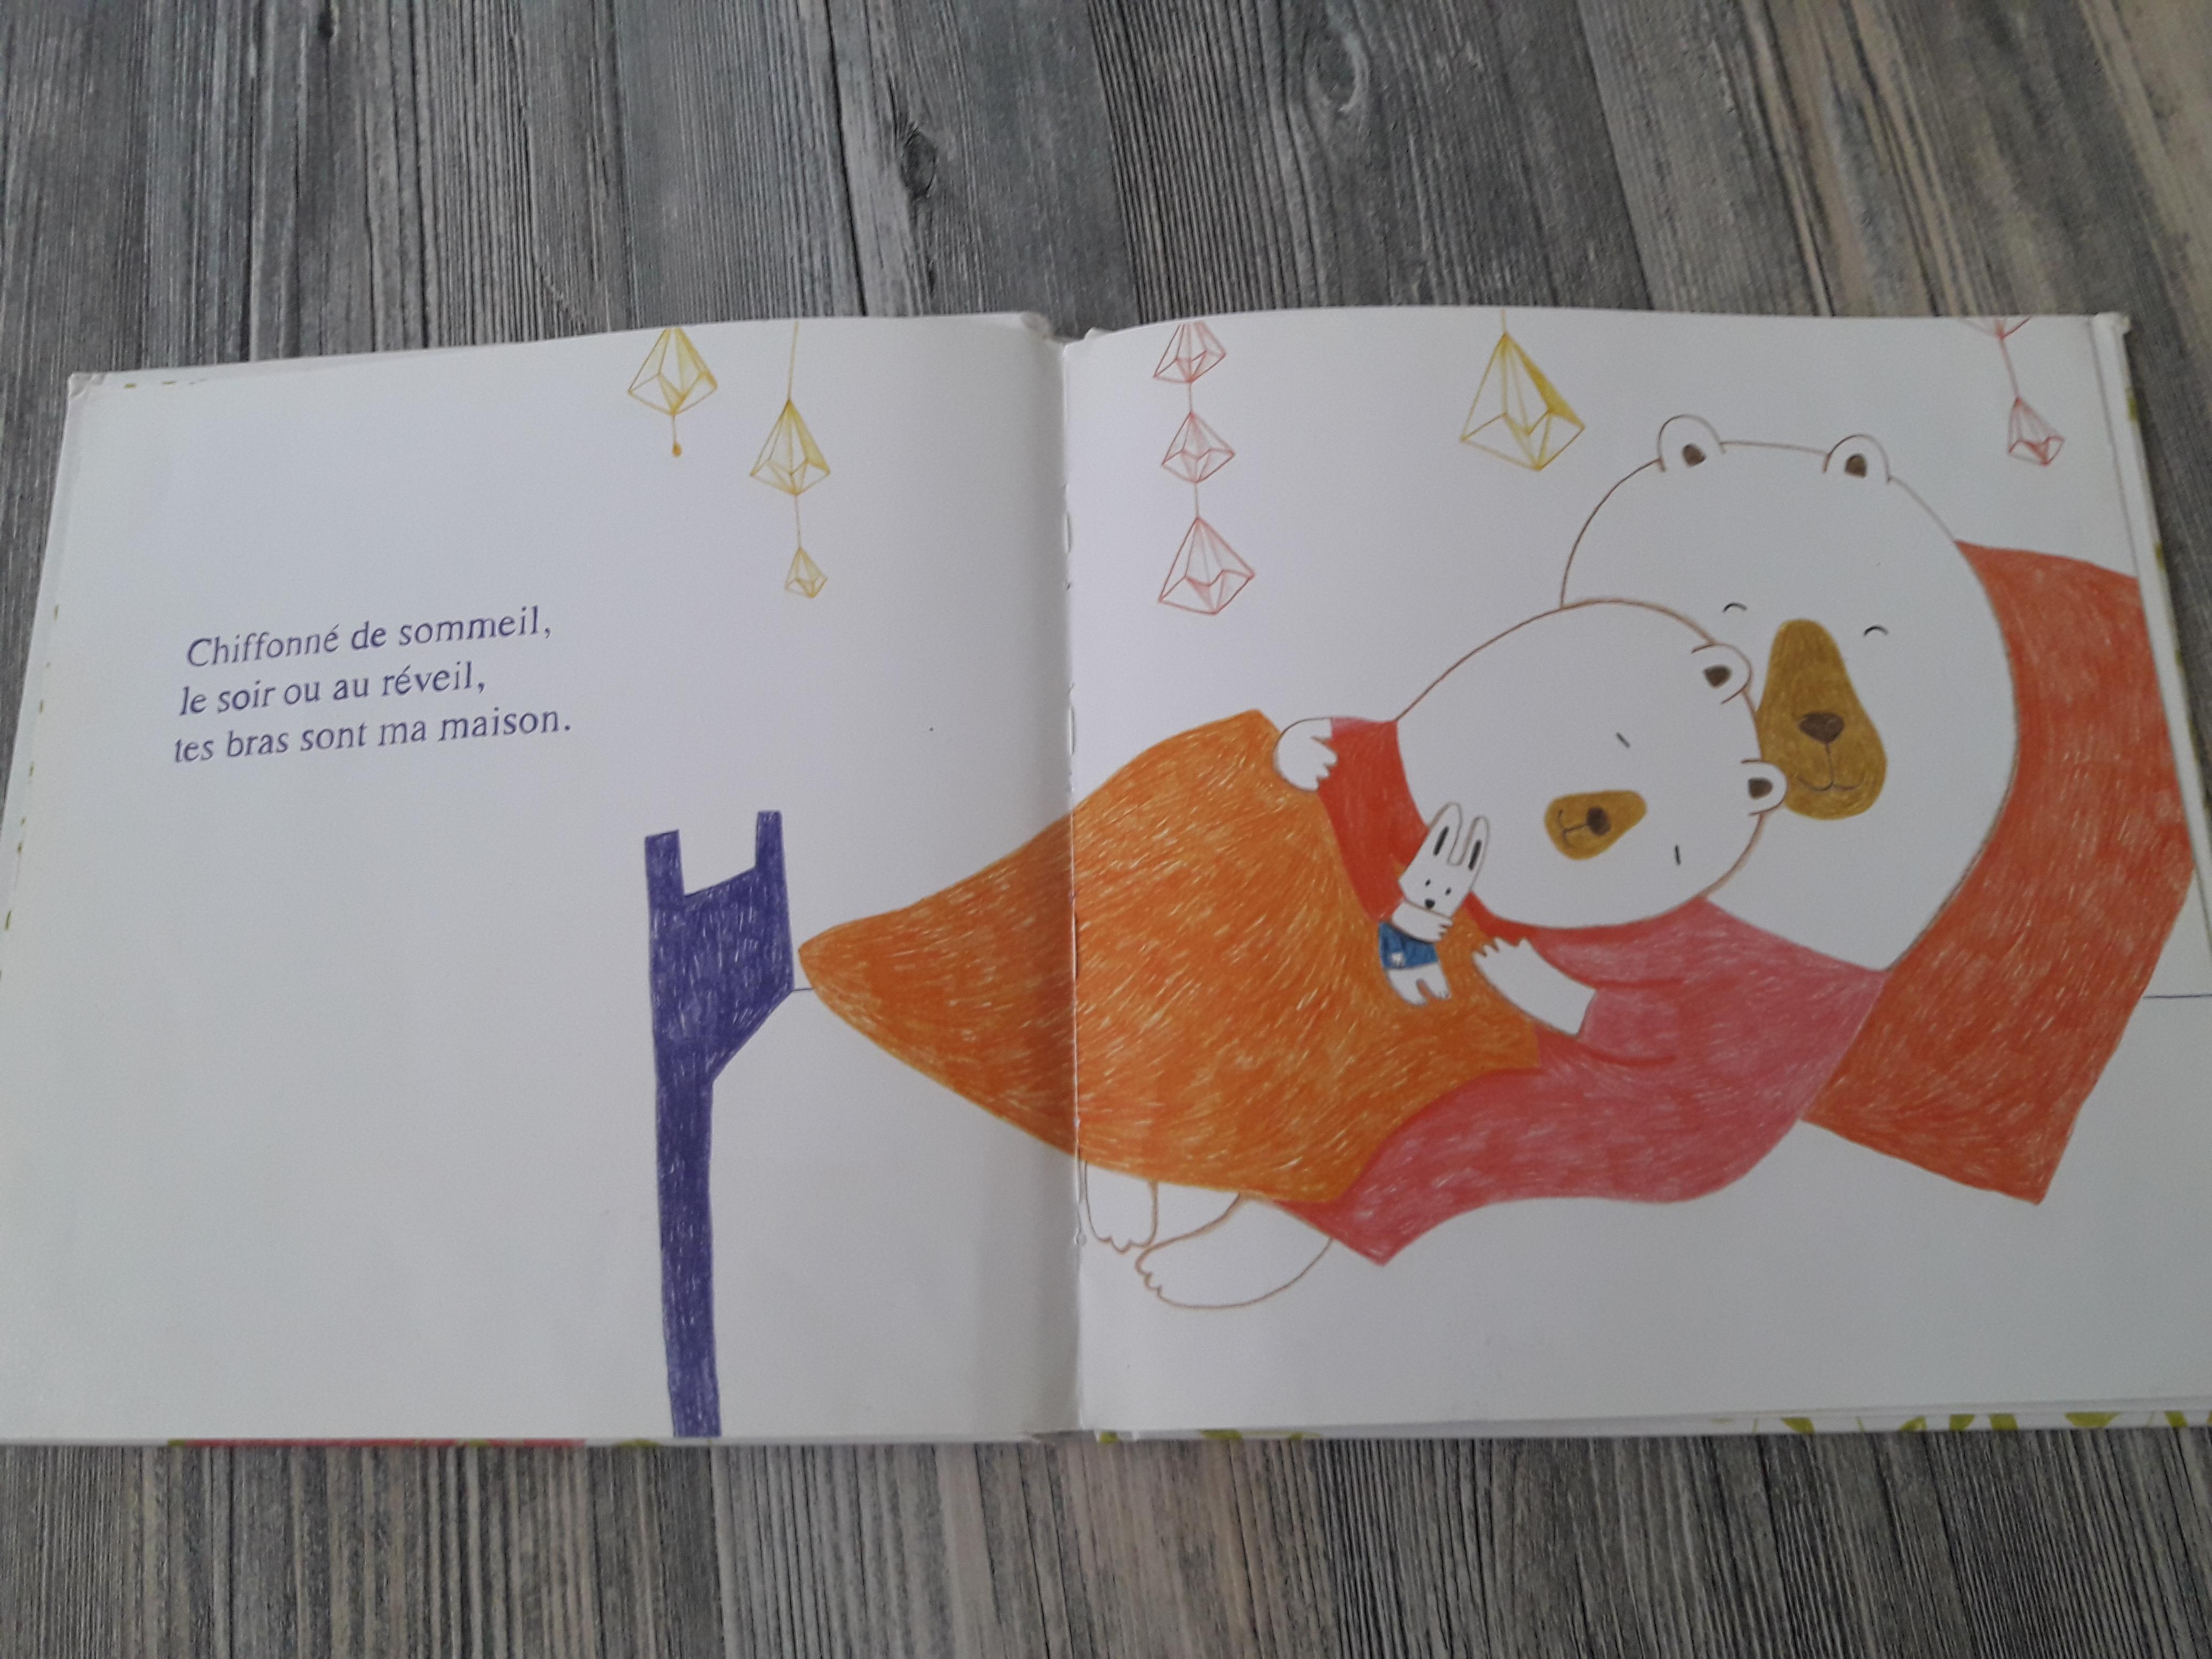 livre emotion pour enfant tes bras sont ma maison